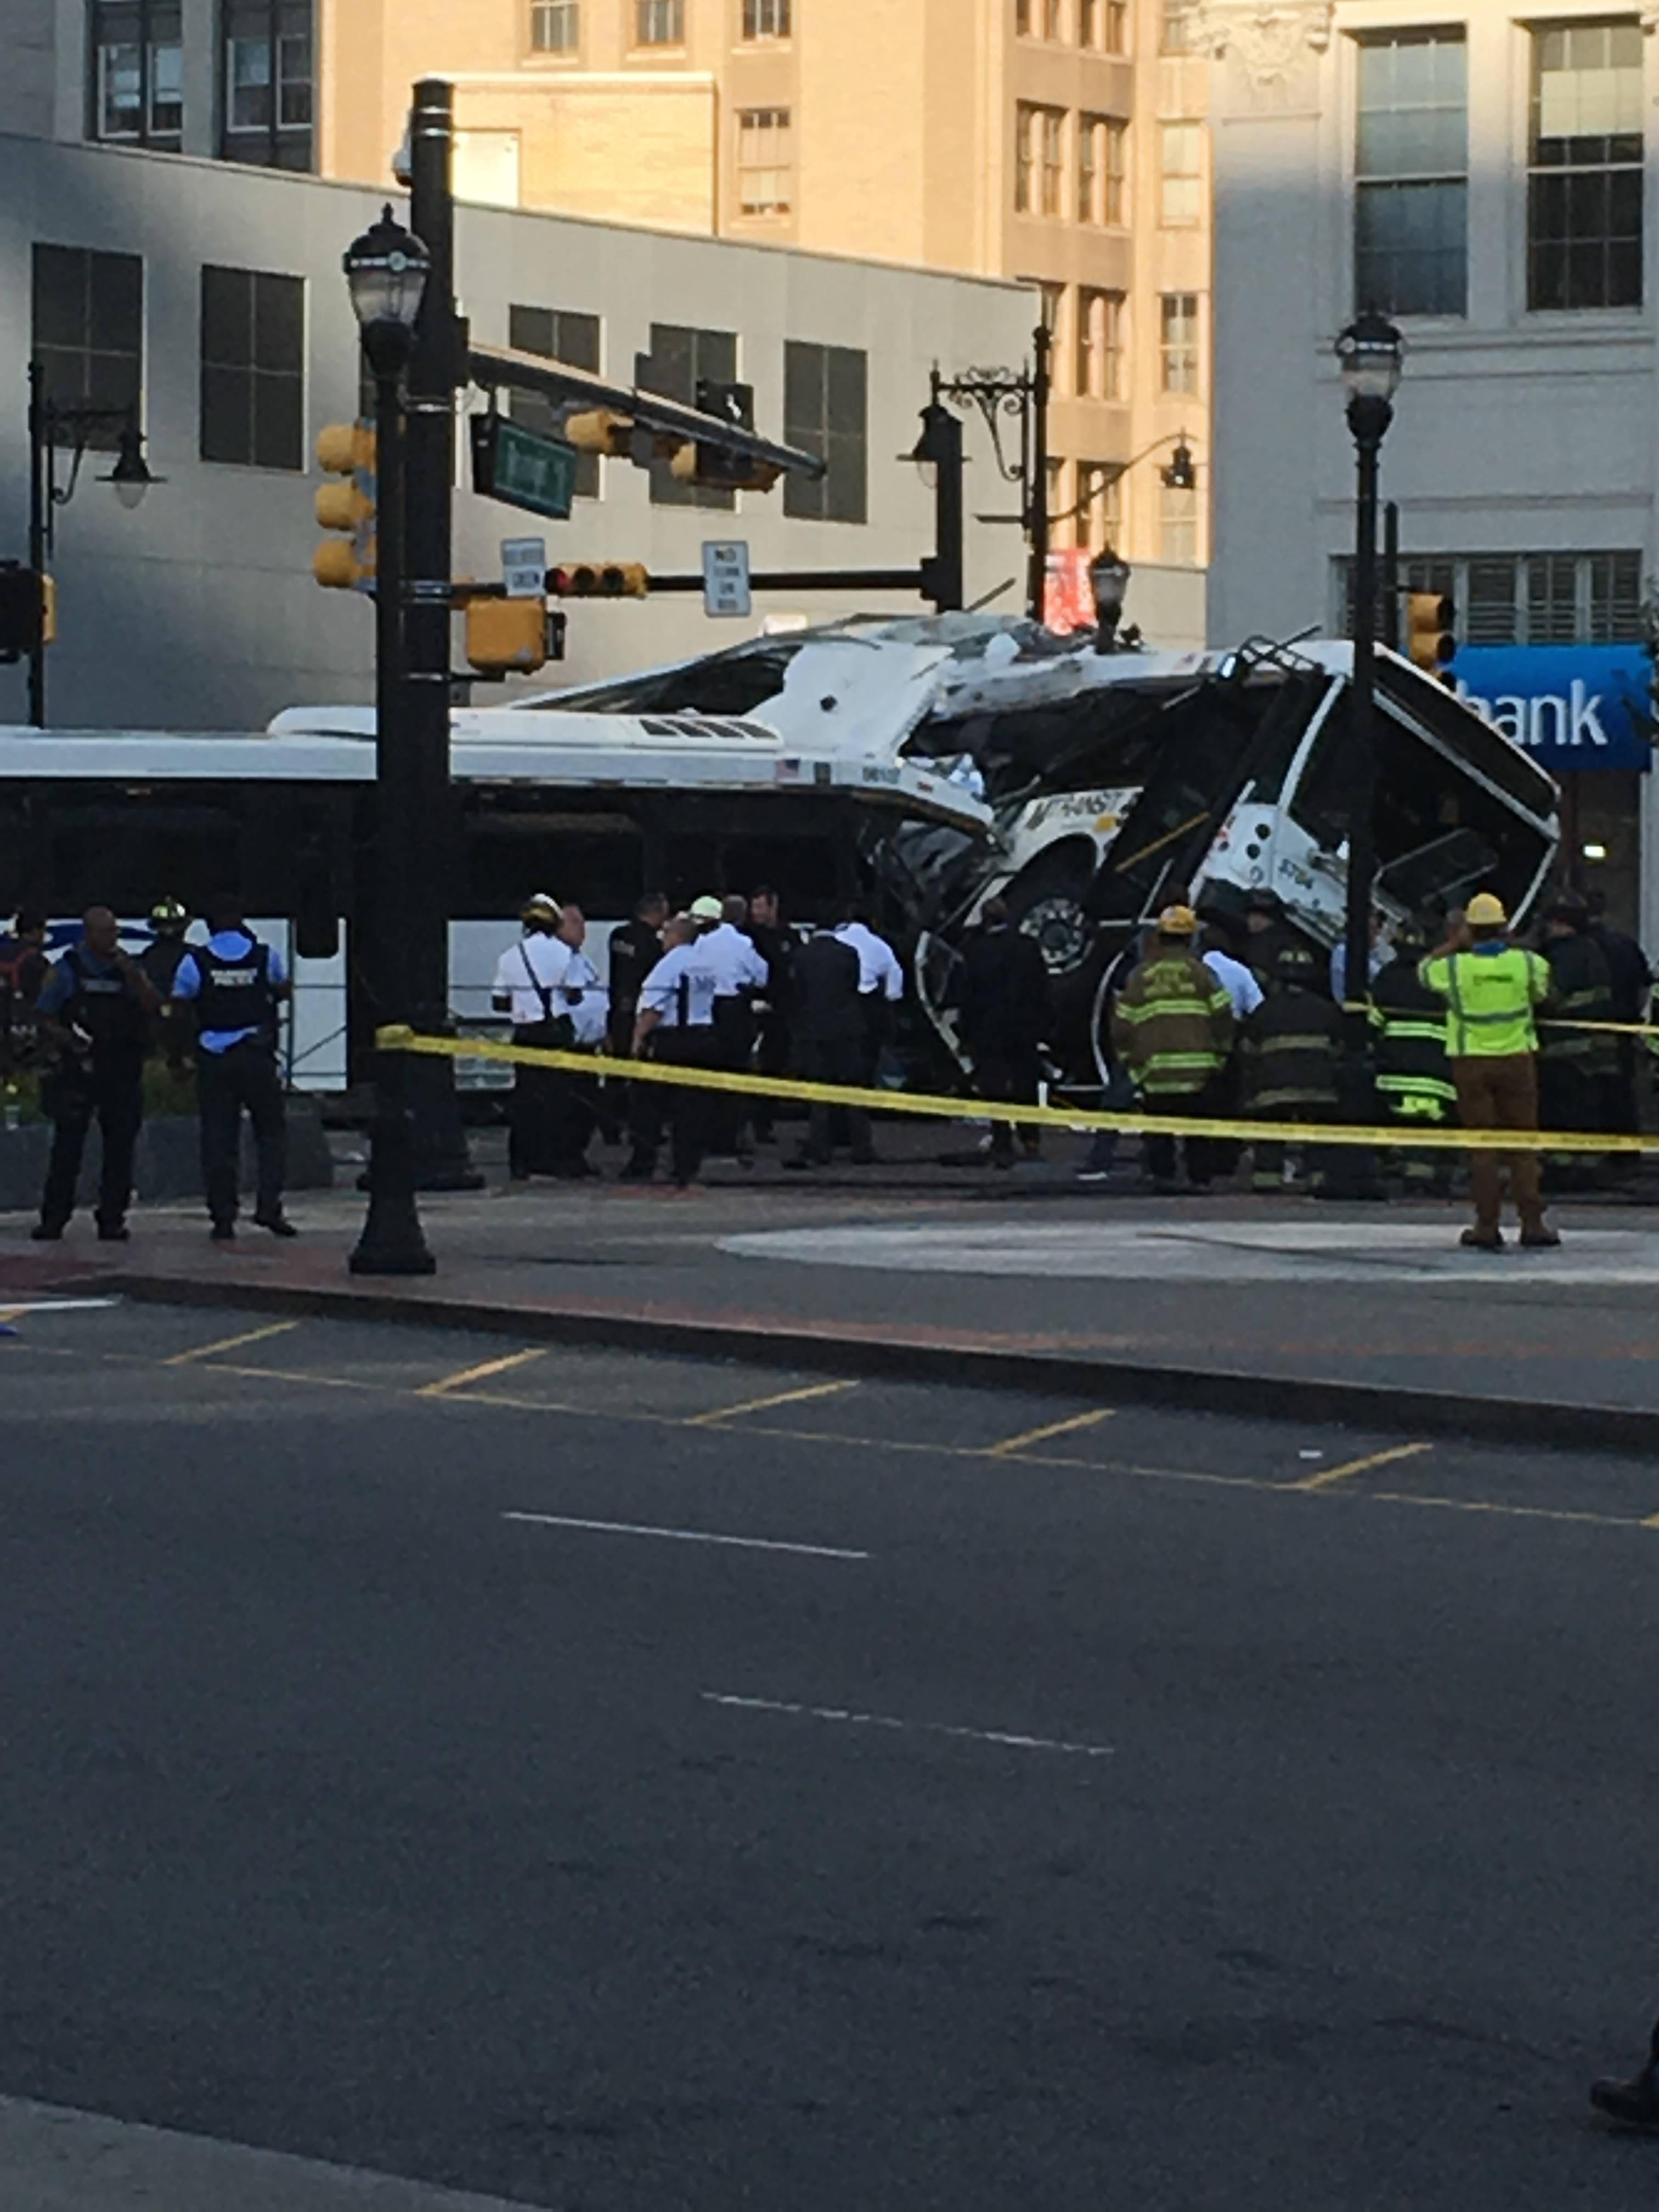 28c471e6944c08e3791d_Bus_crash_4.jpg